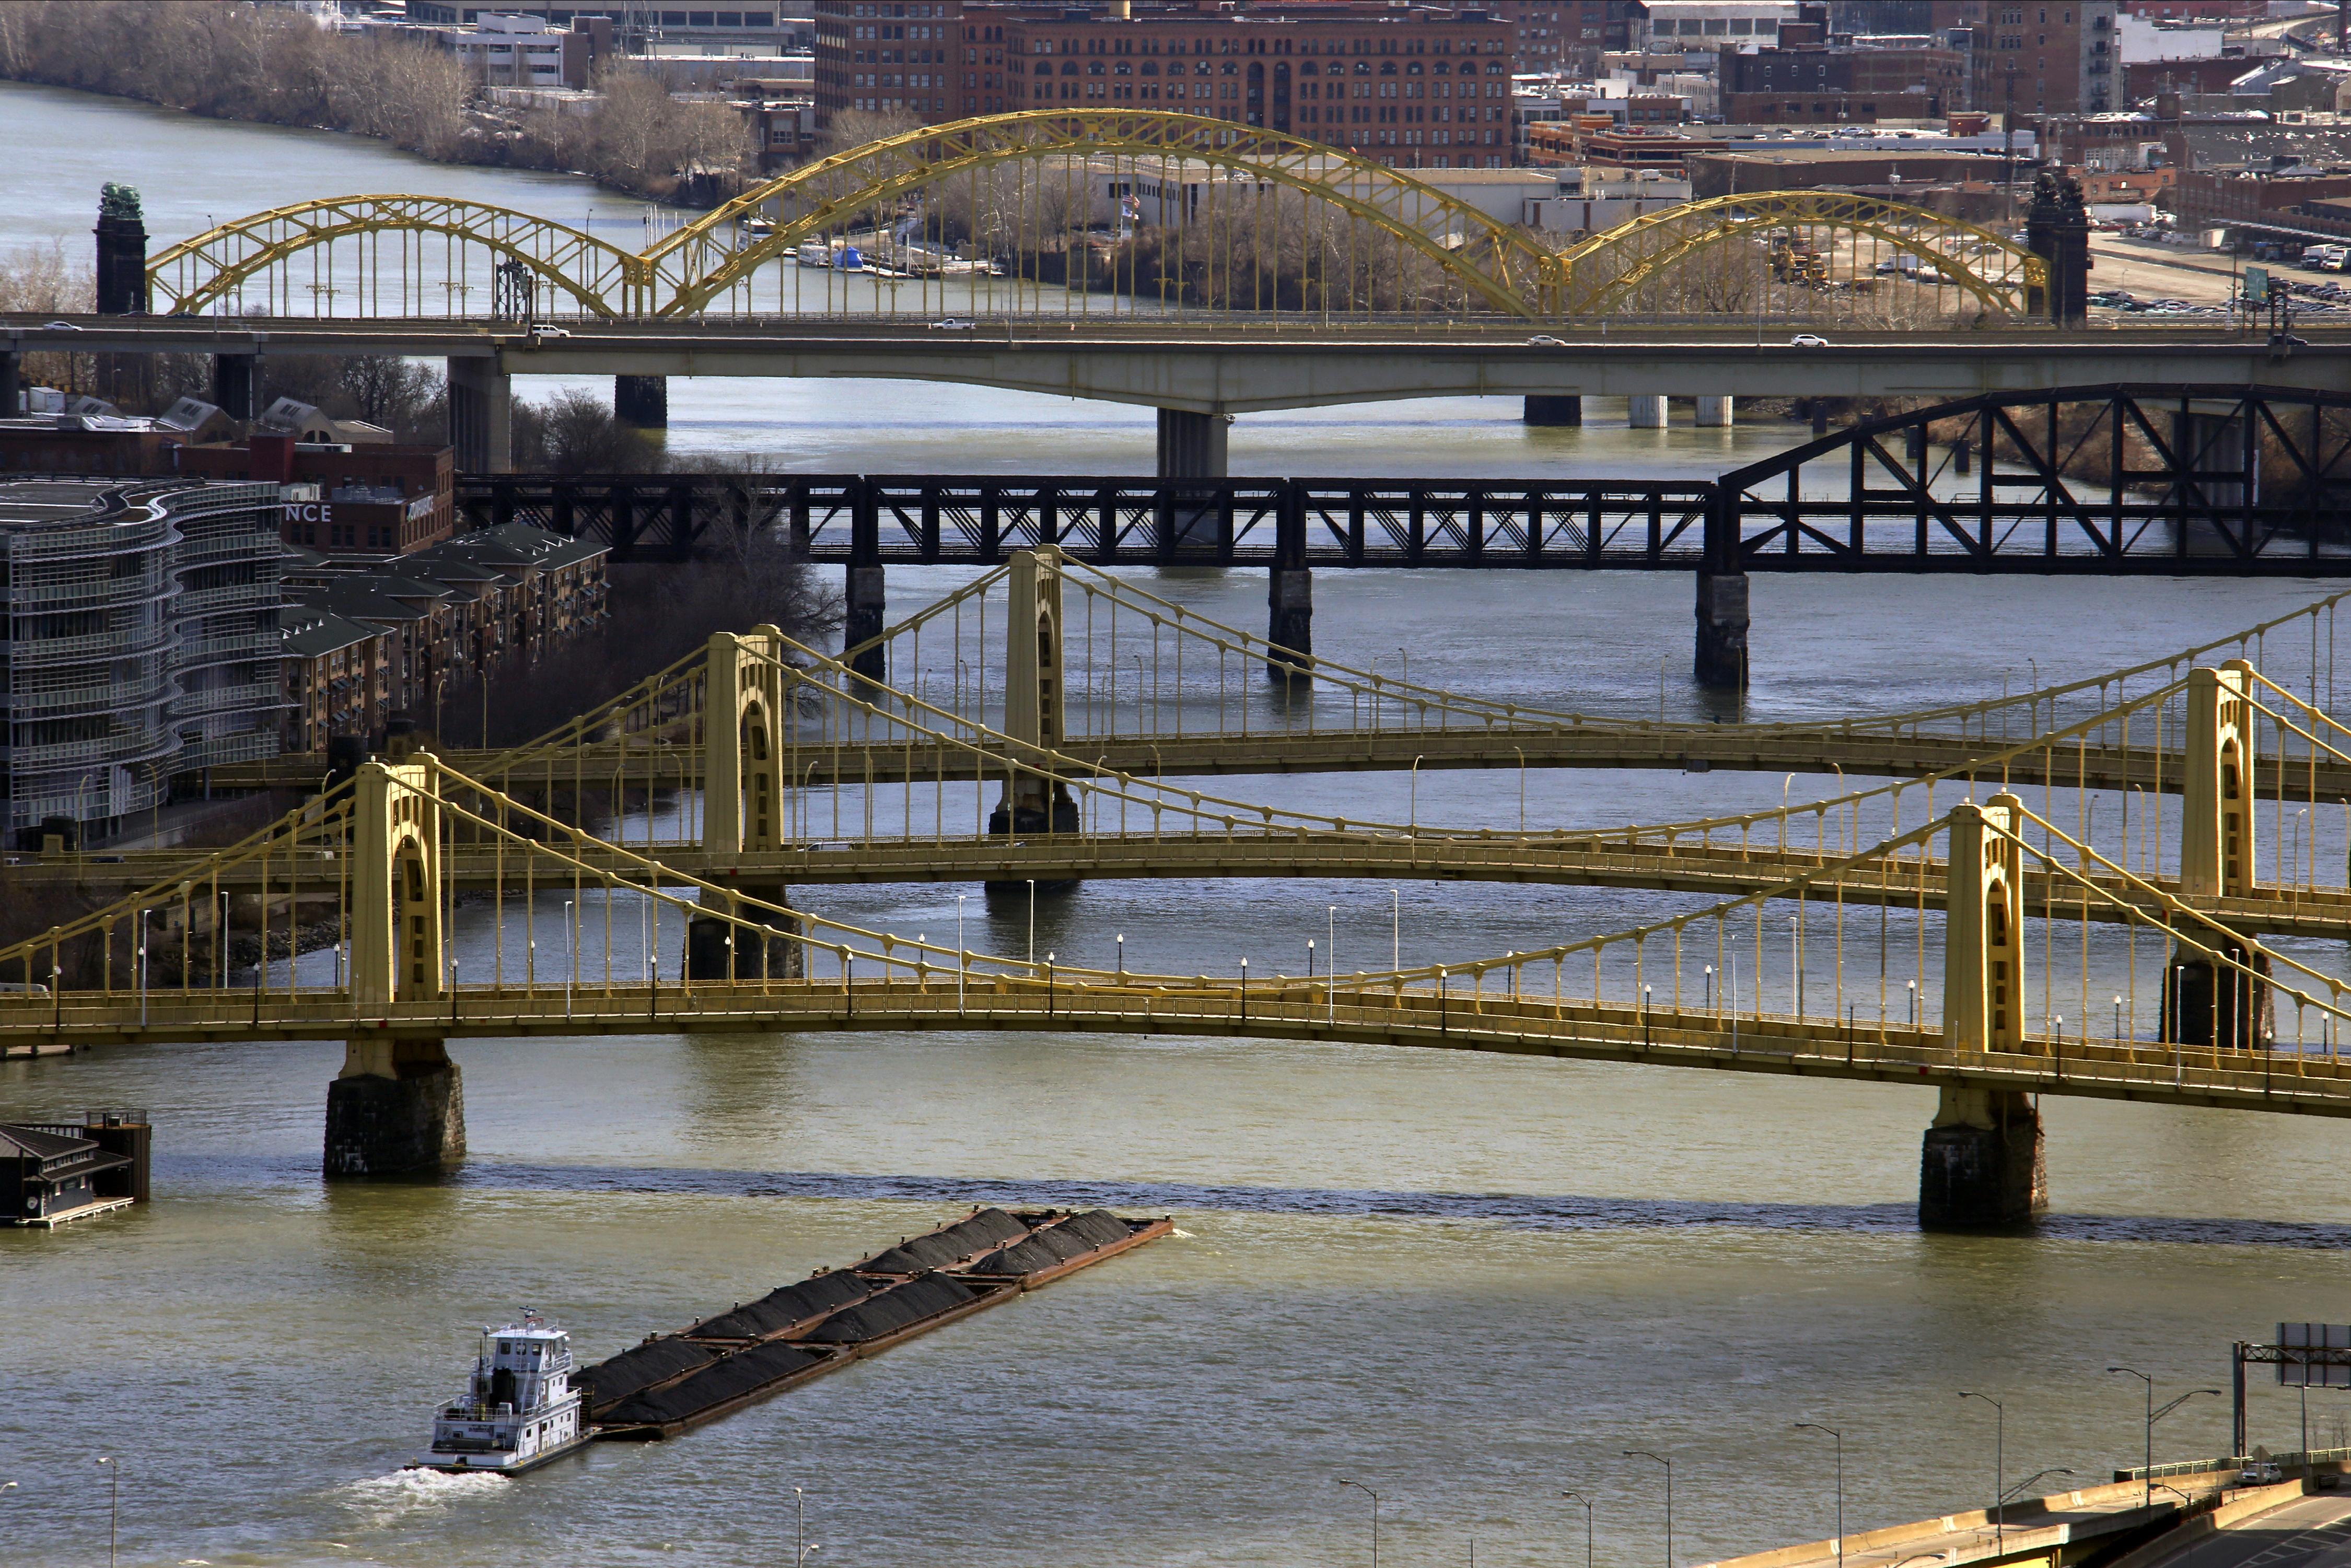 Imagen reciente de algunas de las infraestructuras de la ciudad de Pittsburgh.